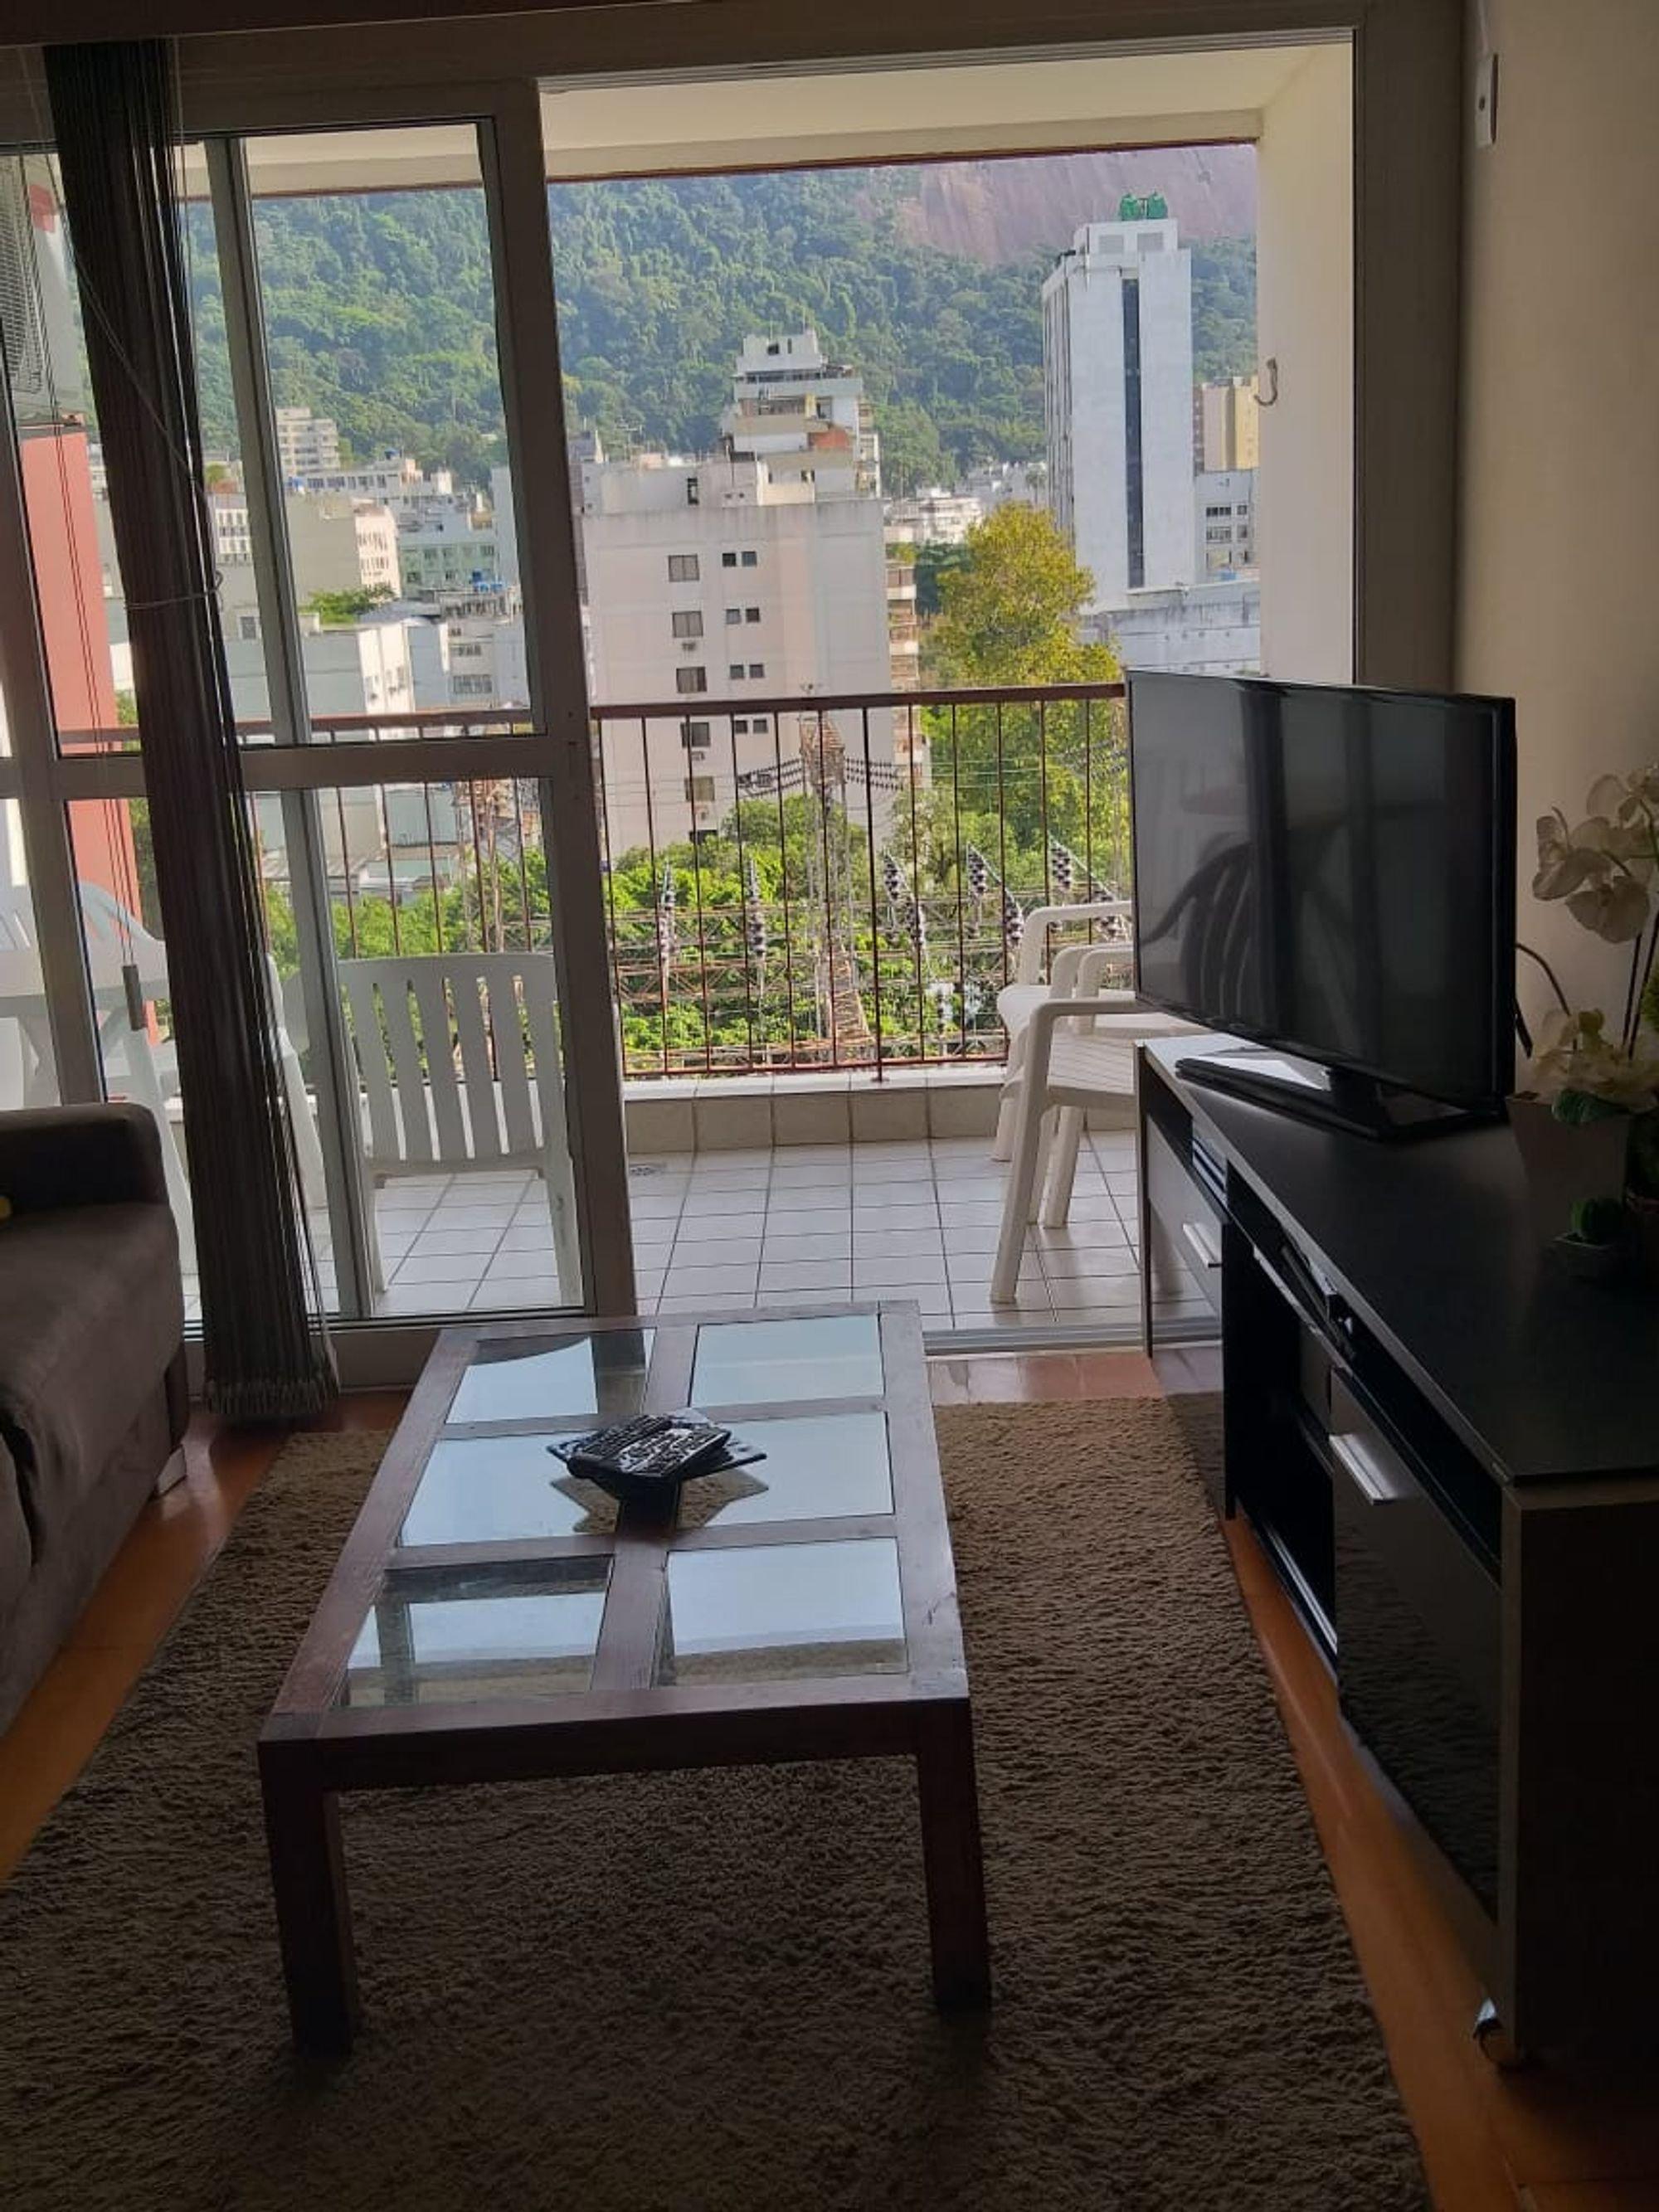 Foto de Varanda com vaso de planta, sofá, televisão, tigela